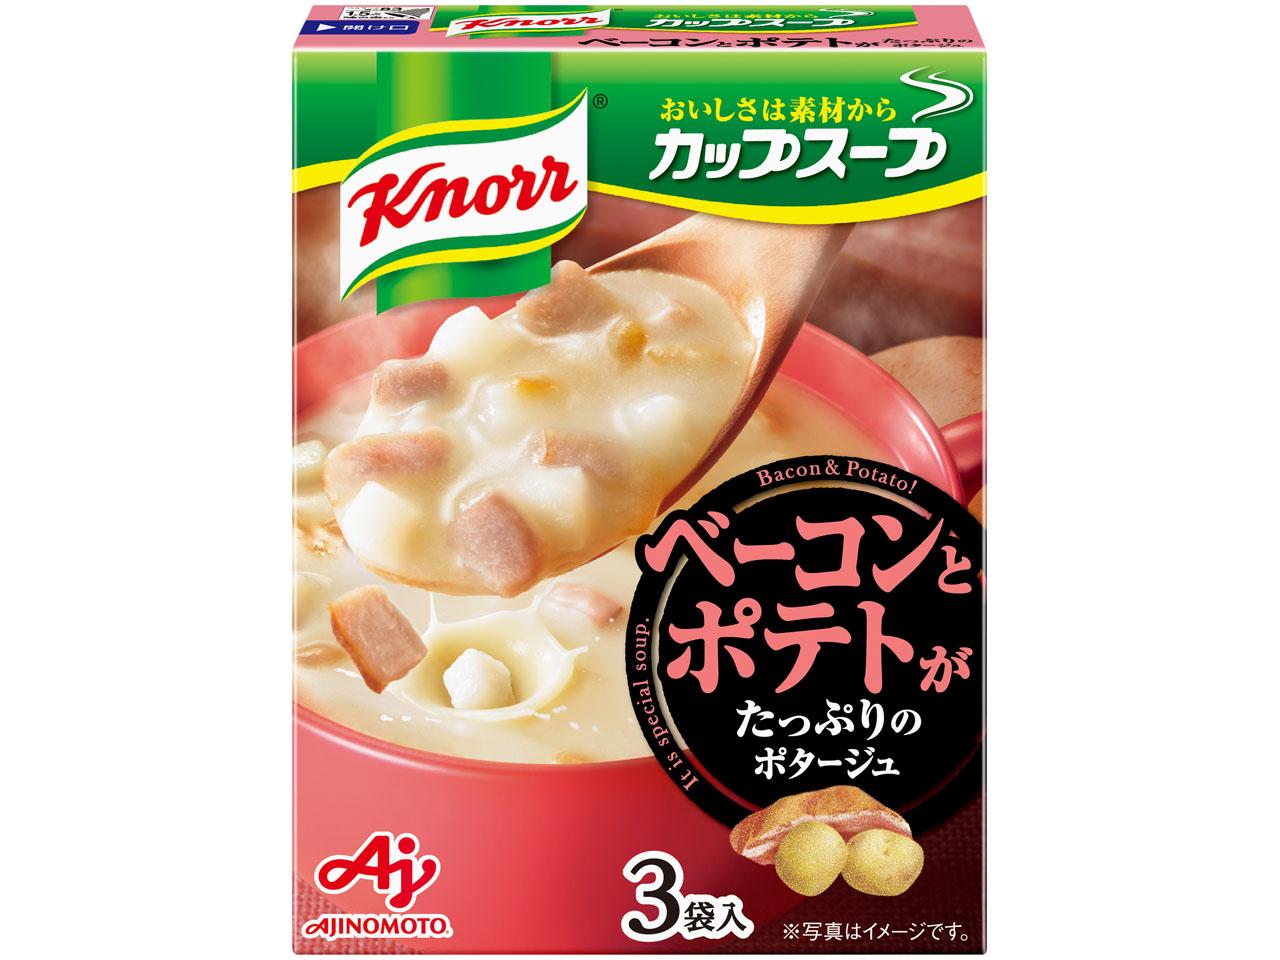 「クノール カップスープ」ベーコンとポテトがたっぷりのポタージュ